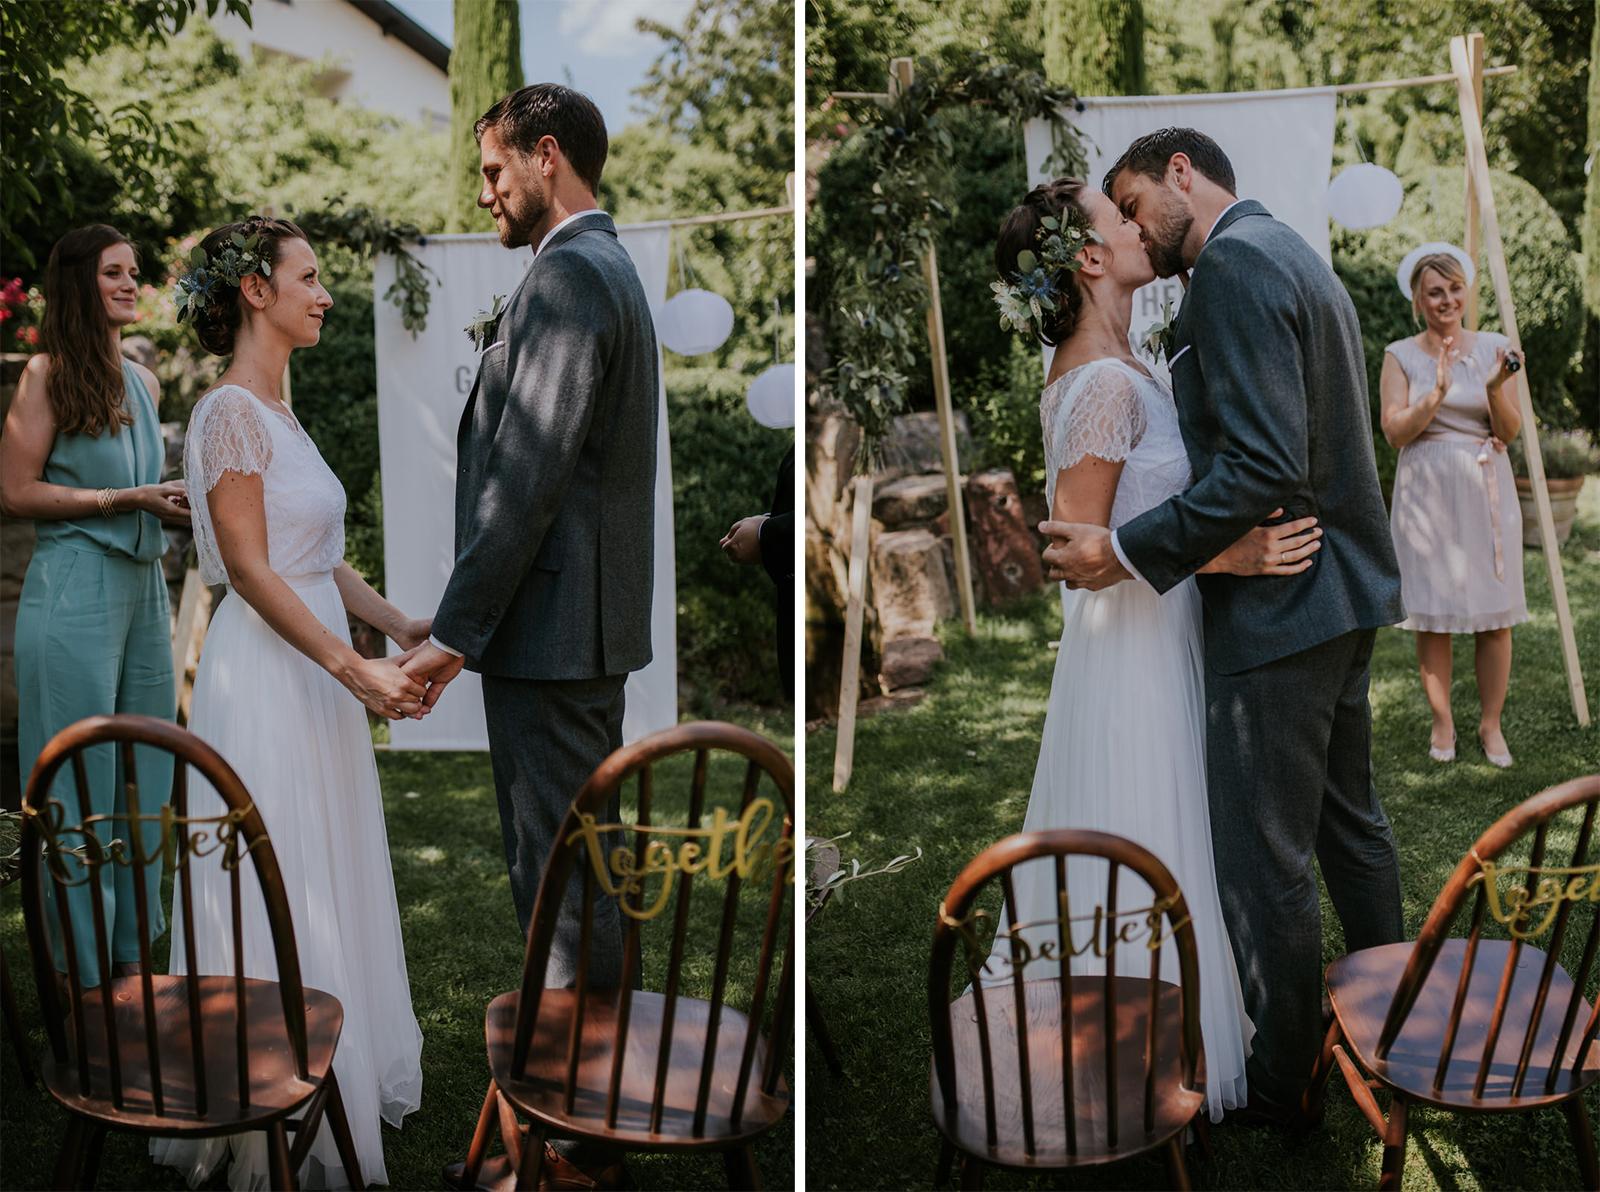 Hochzeit-Augenschmaus-und Gaumenfreuden-Hochzeitsfotograf-352.jpg